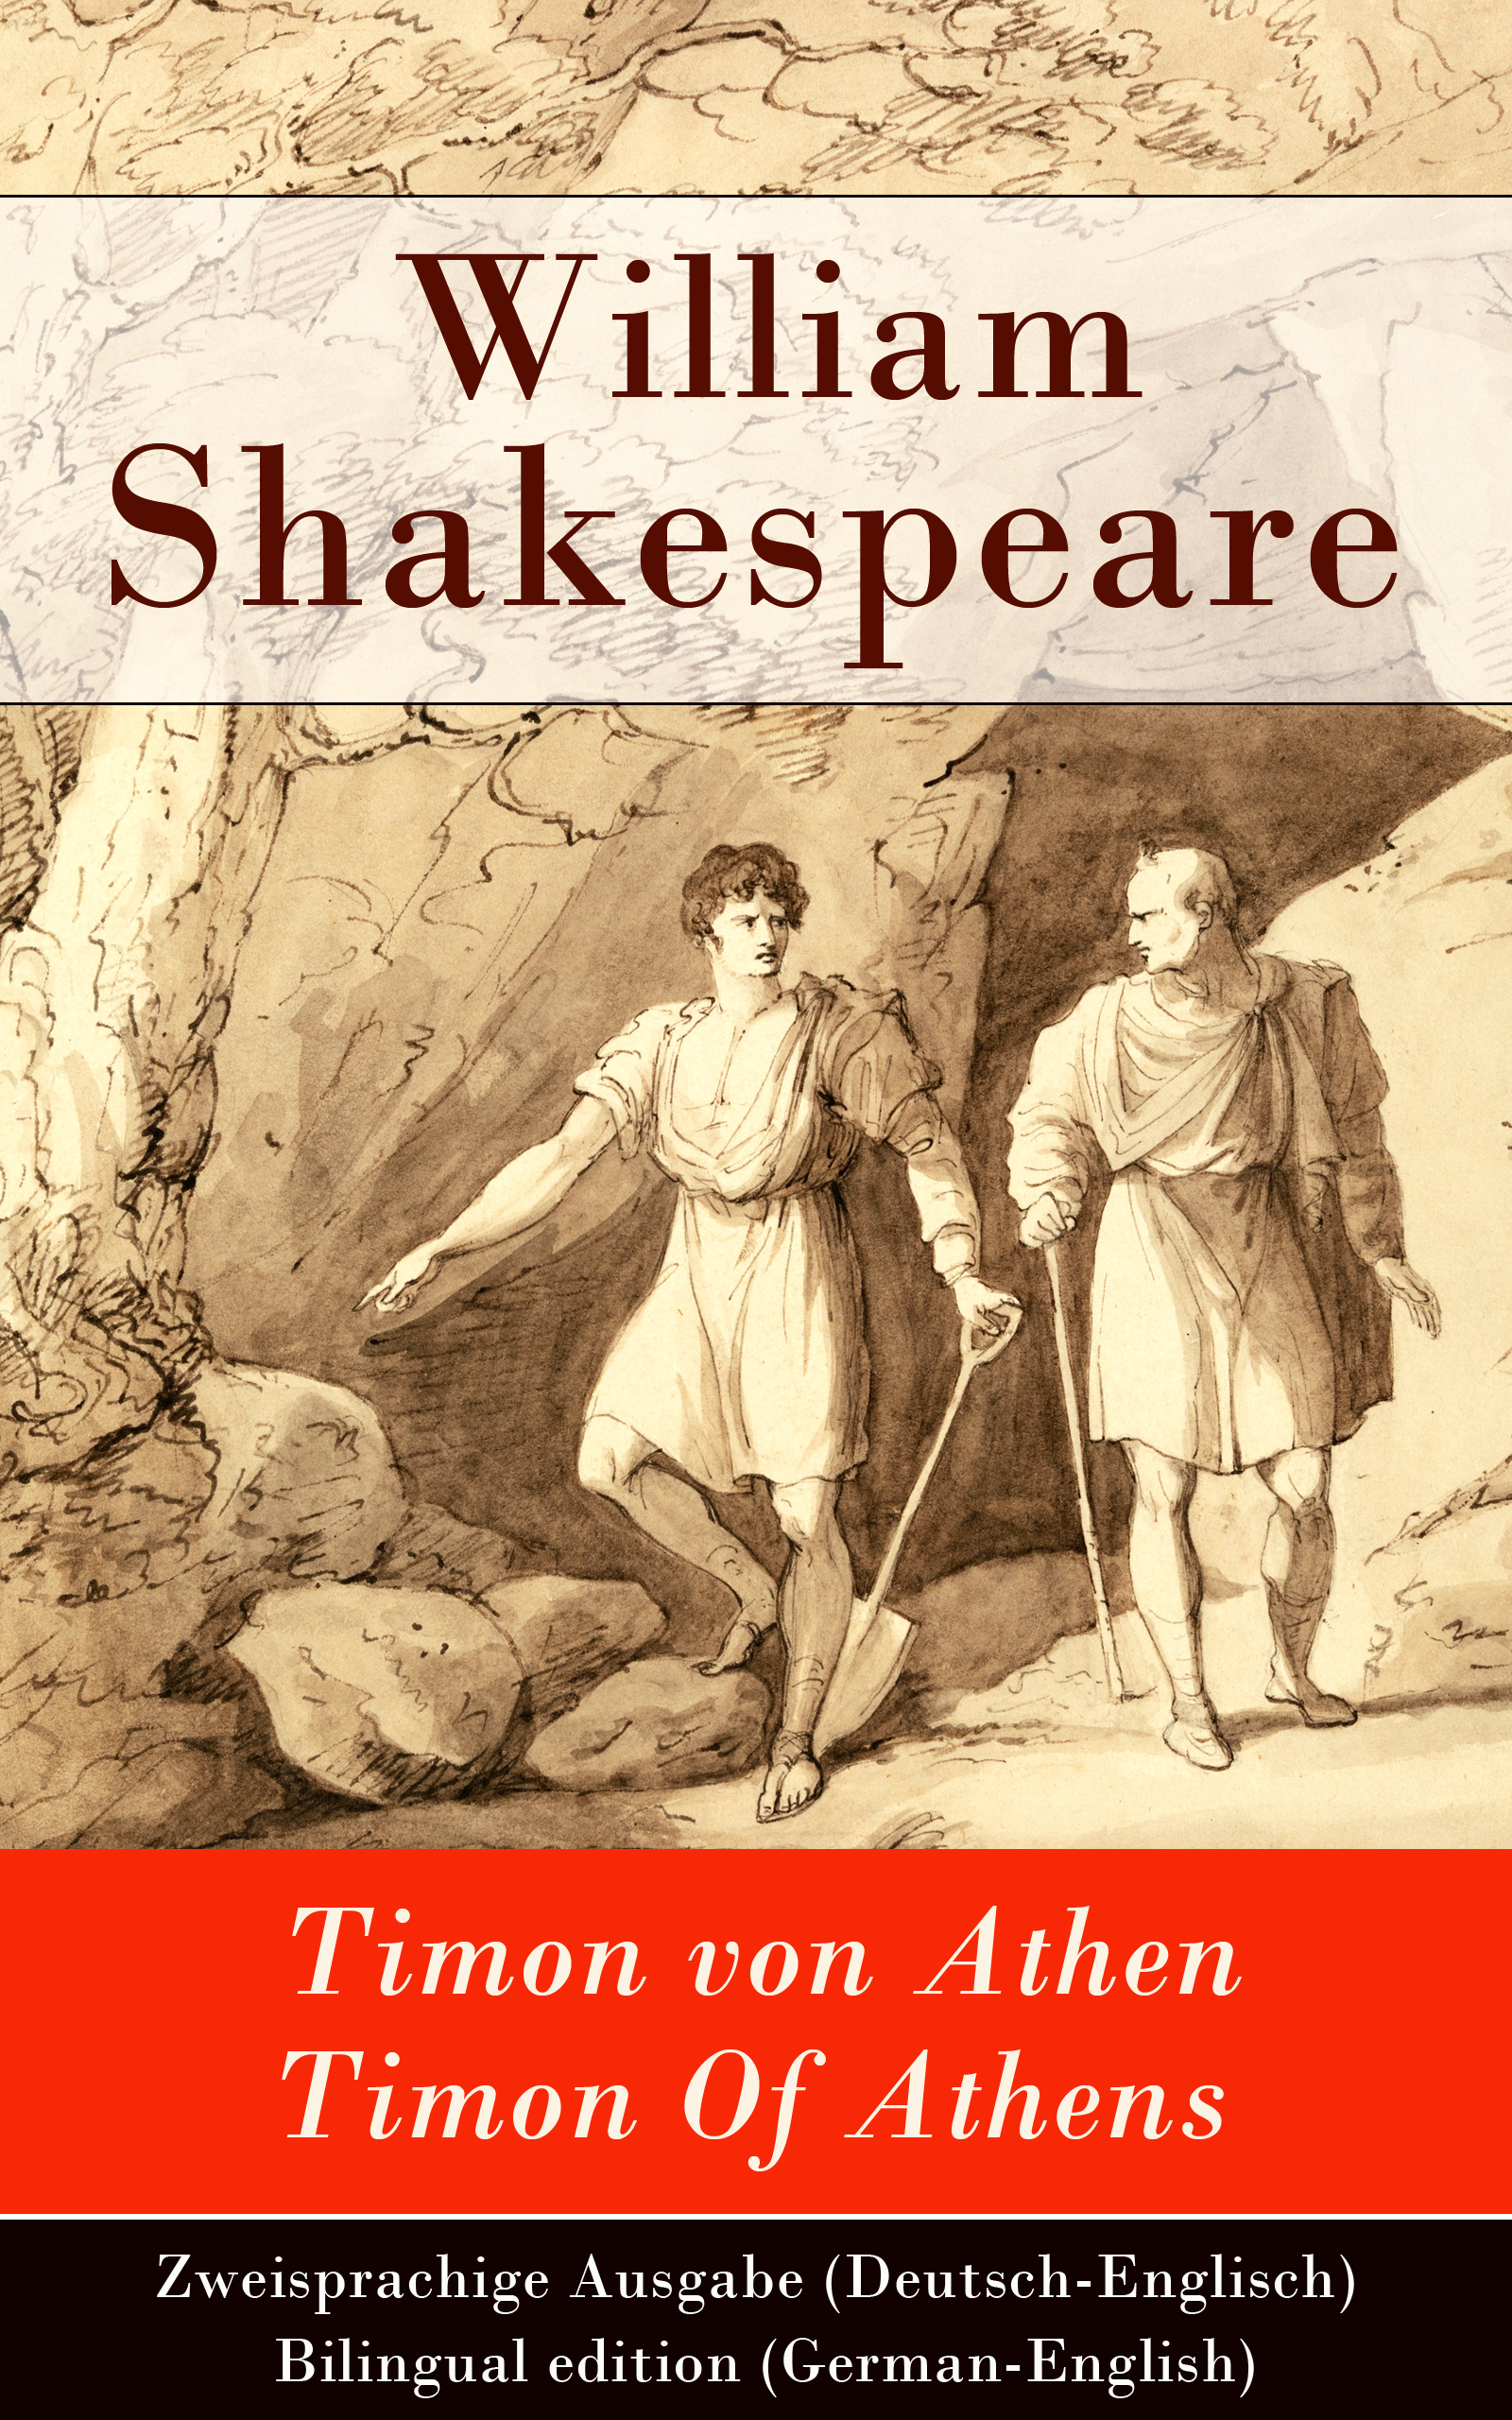 цена Уильям Шекспир Timon von Athen / Timon Of Athens - Zweisprachige Ausgabe (Deutsch-Englisch) / Bilingual edition (German-English) онлайн в 2017 году